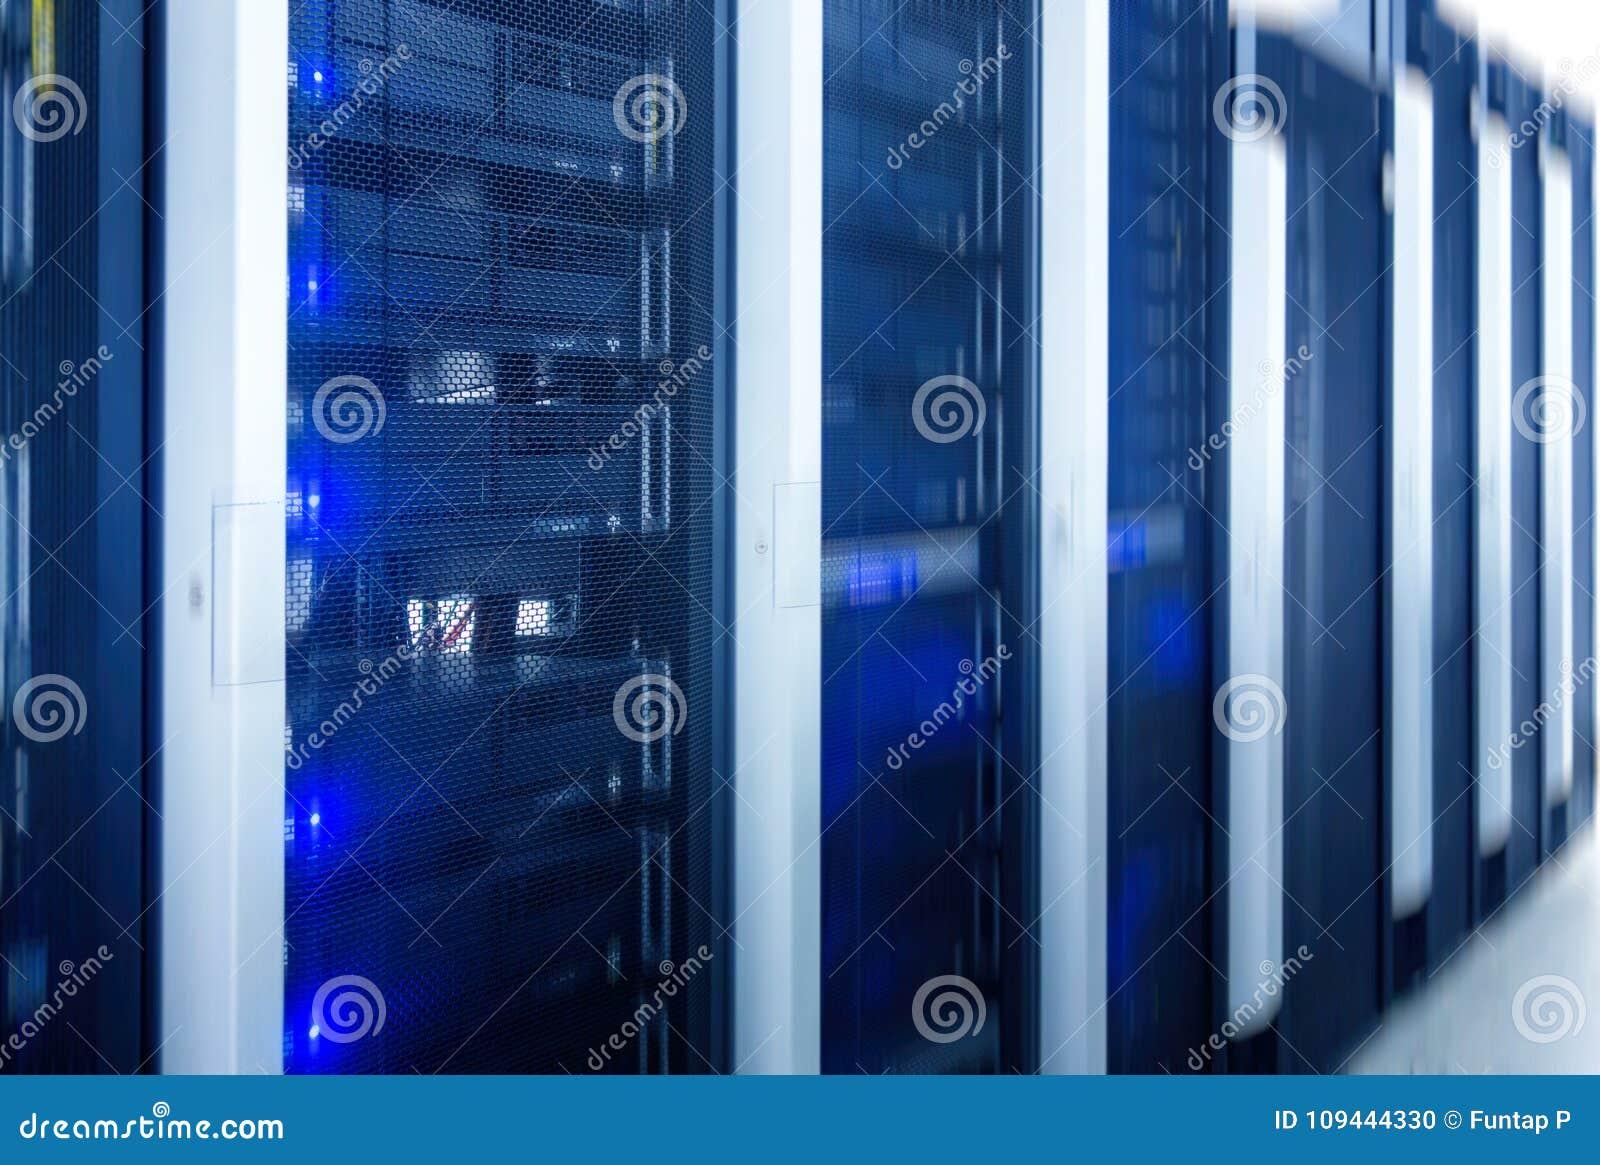 Serweru pokój Sieć internet, sieci telekomunikacyjna technologia, duży przechowywanie danych i chmura oblicza komputerowego poważ